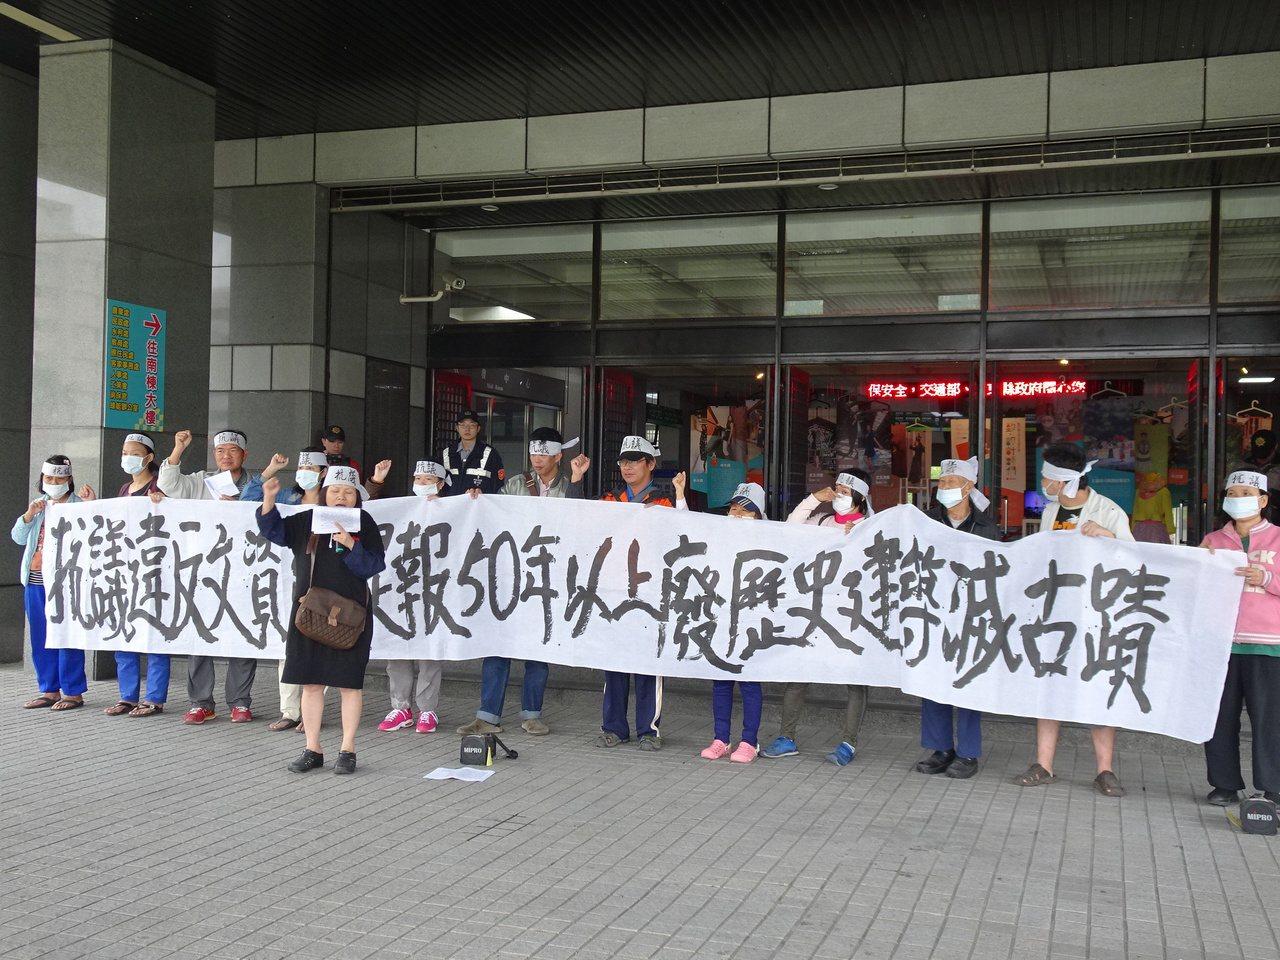 屏東縣議員蔣月惠下午率眾到縣府抗議又要拆老屋。記者翁禎霞/攝影